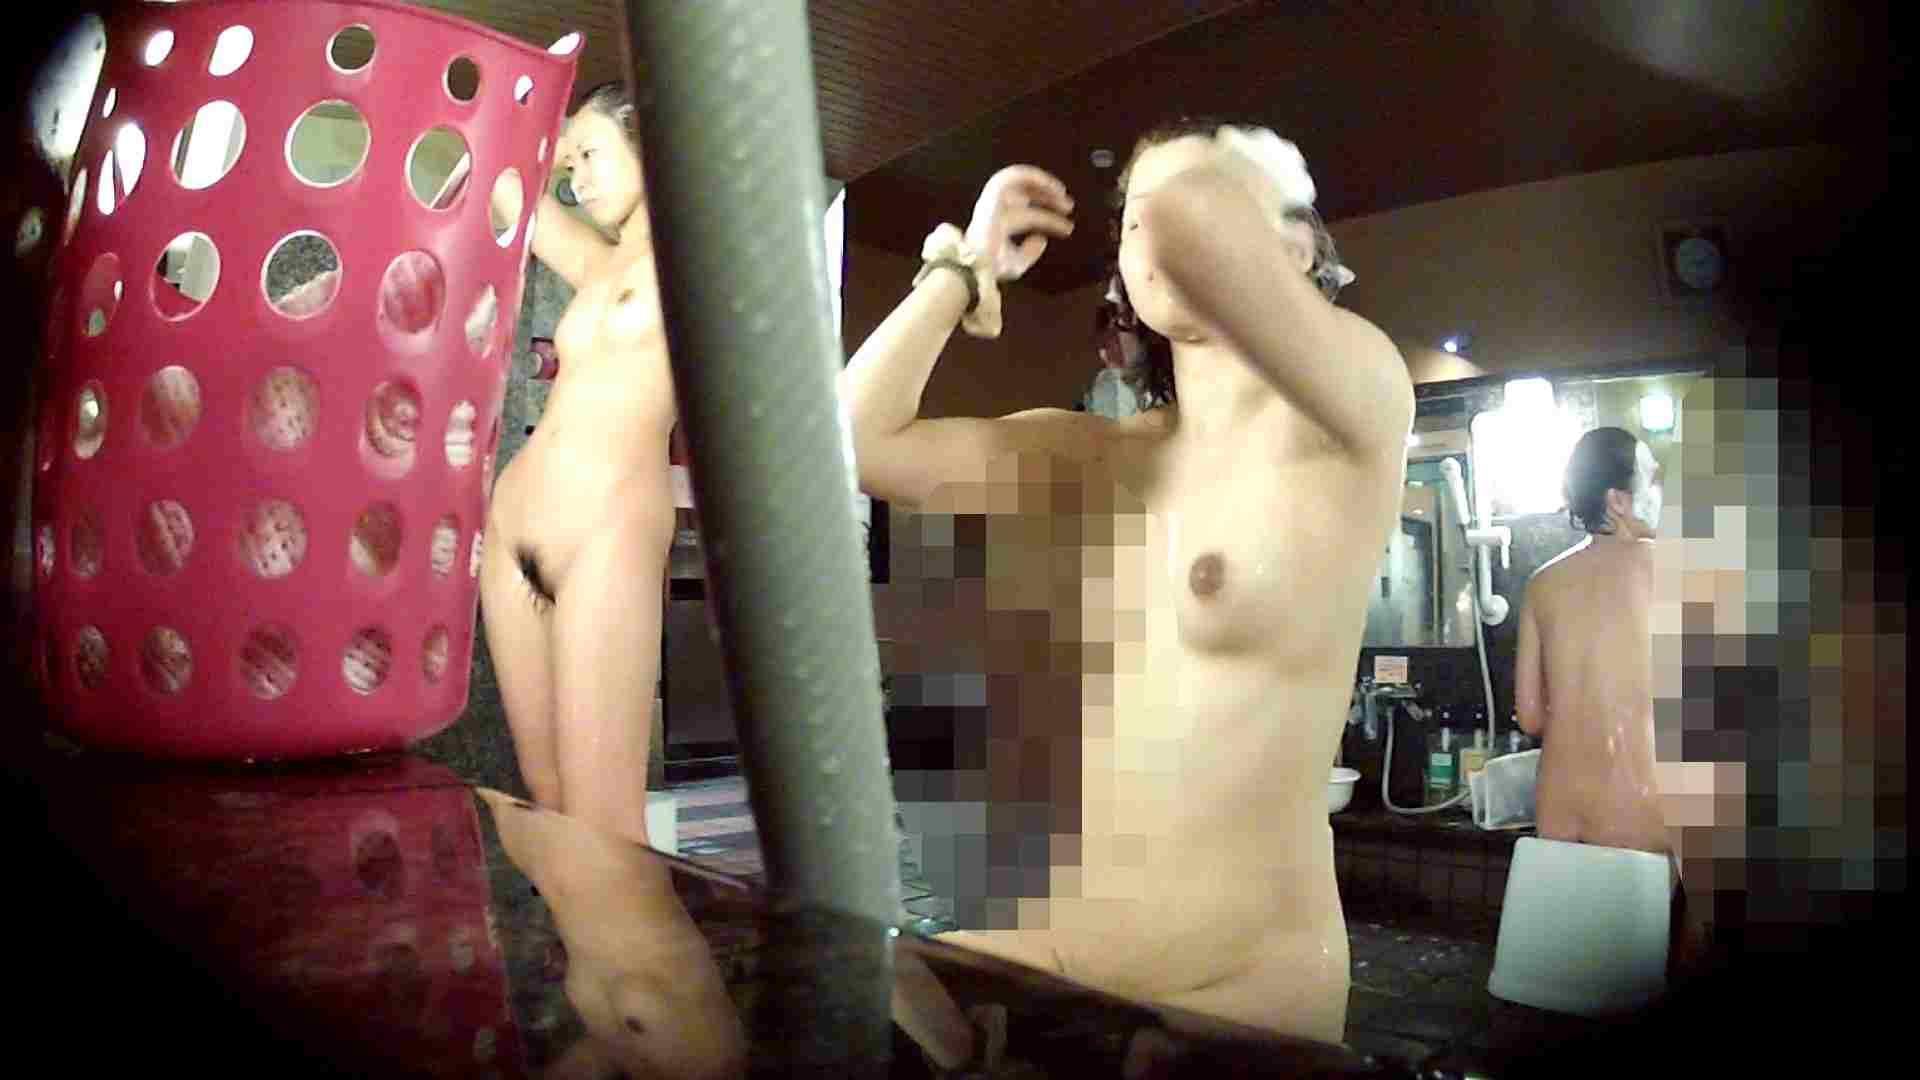 ハイビジョン 洗い場!No.1 うっすら覗く一本道×2 銭湯のぞき セックス無修正動画無料 88画像 41